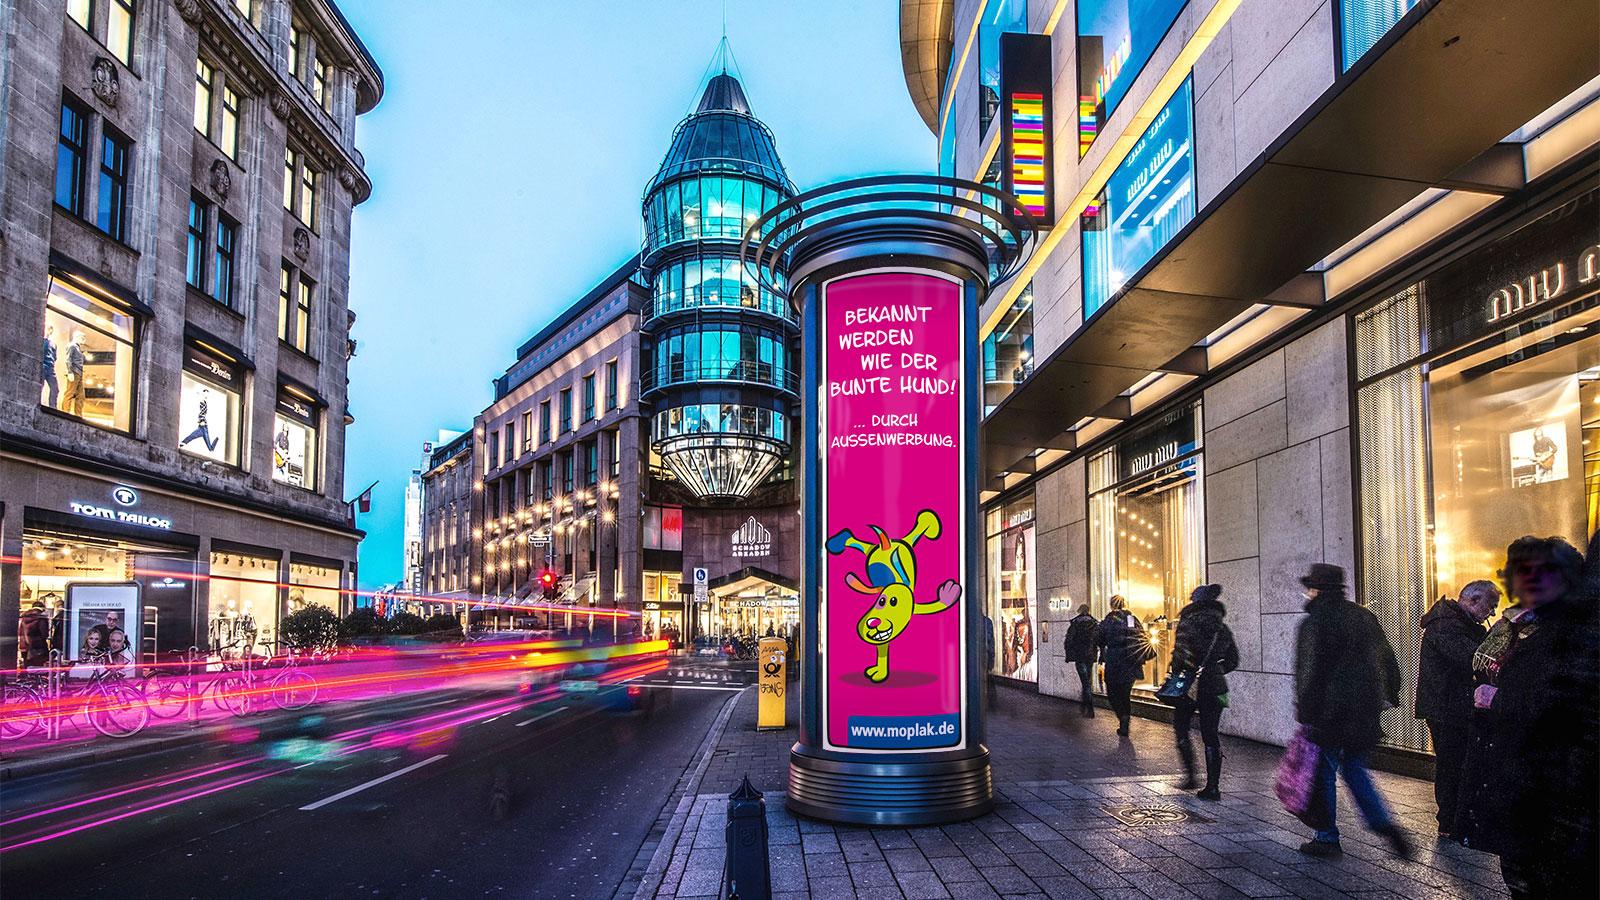 Karlsruhe-Aussenwerbung-Litfasssaeule-Werbung